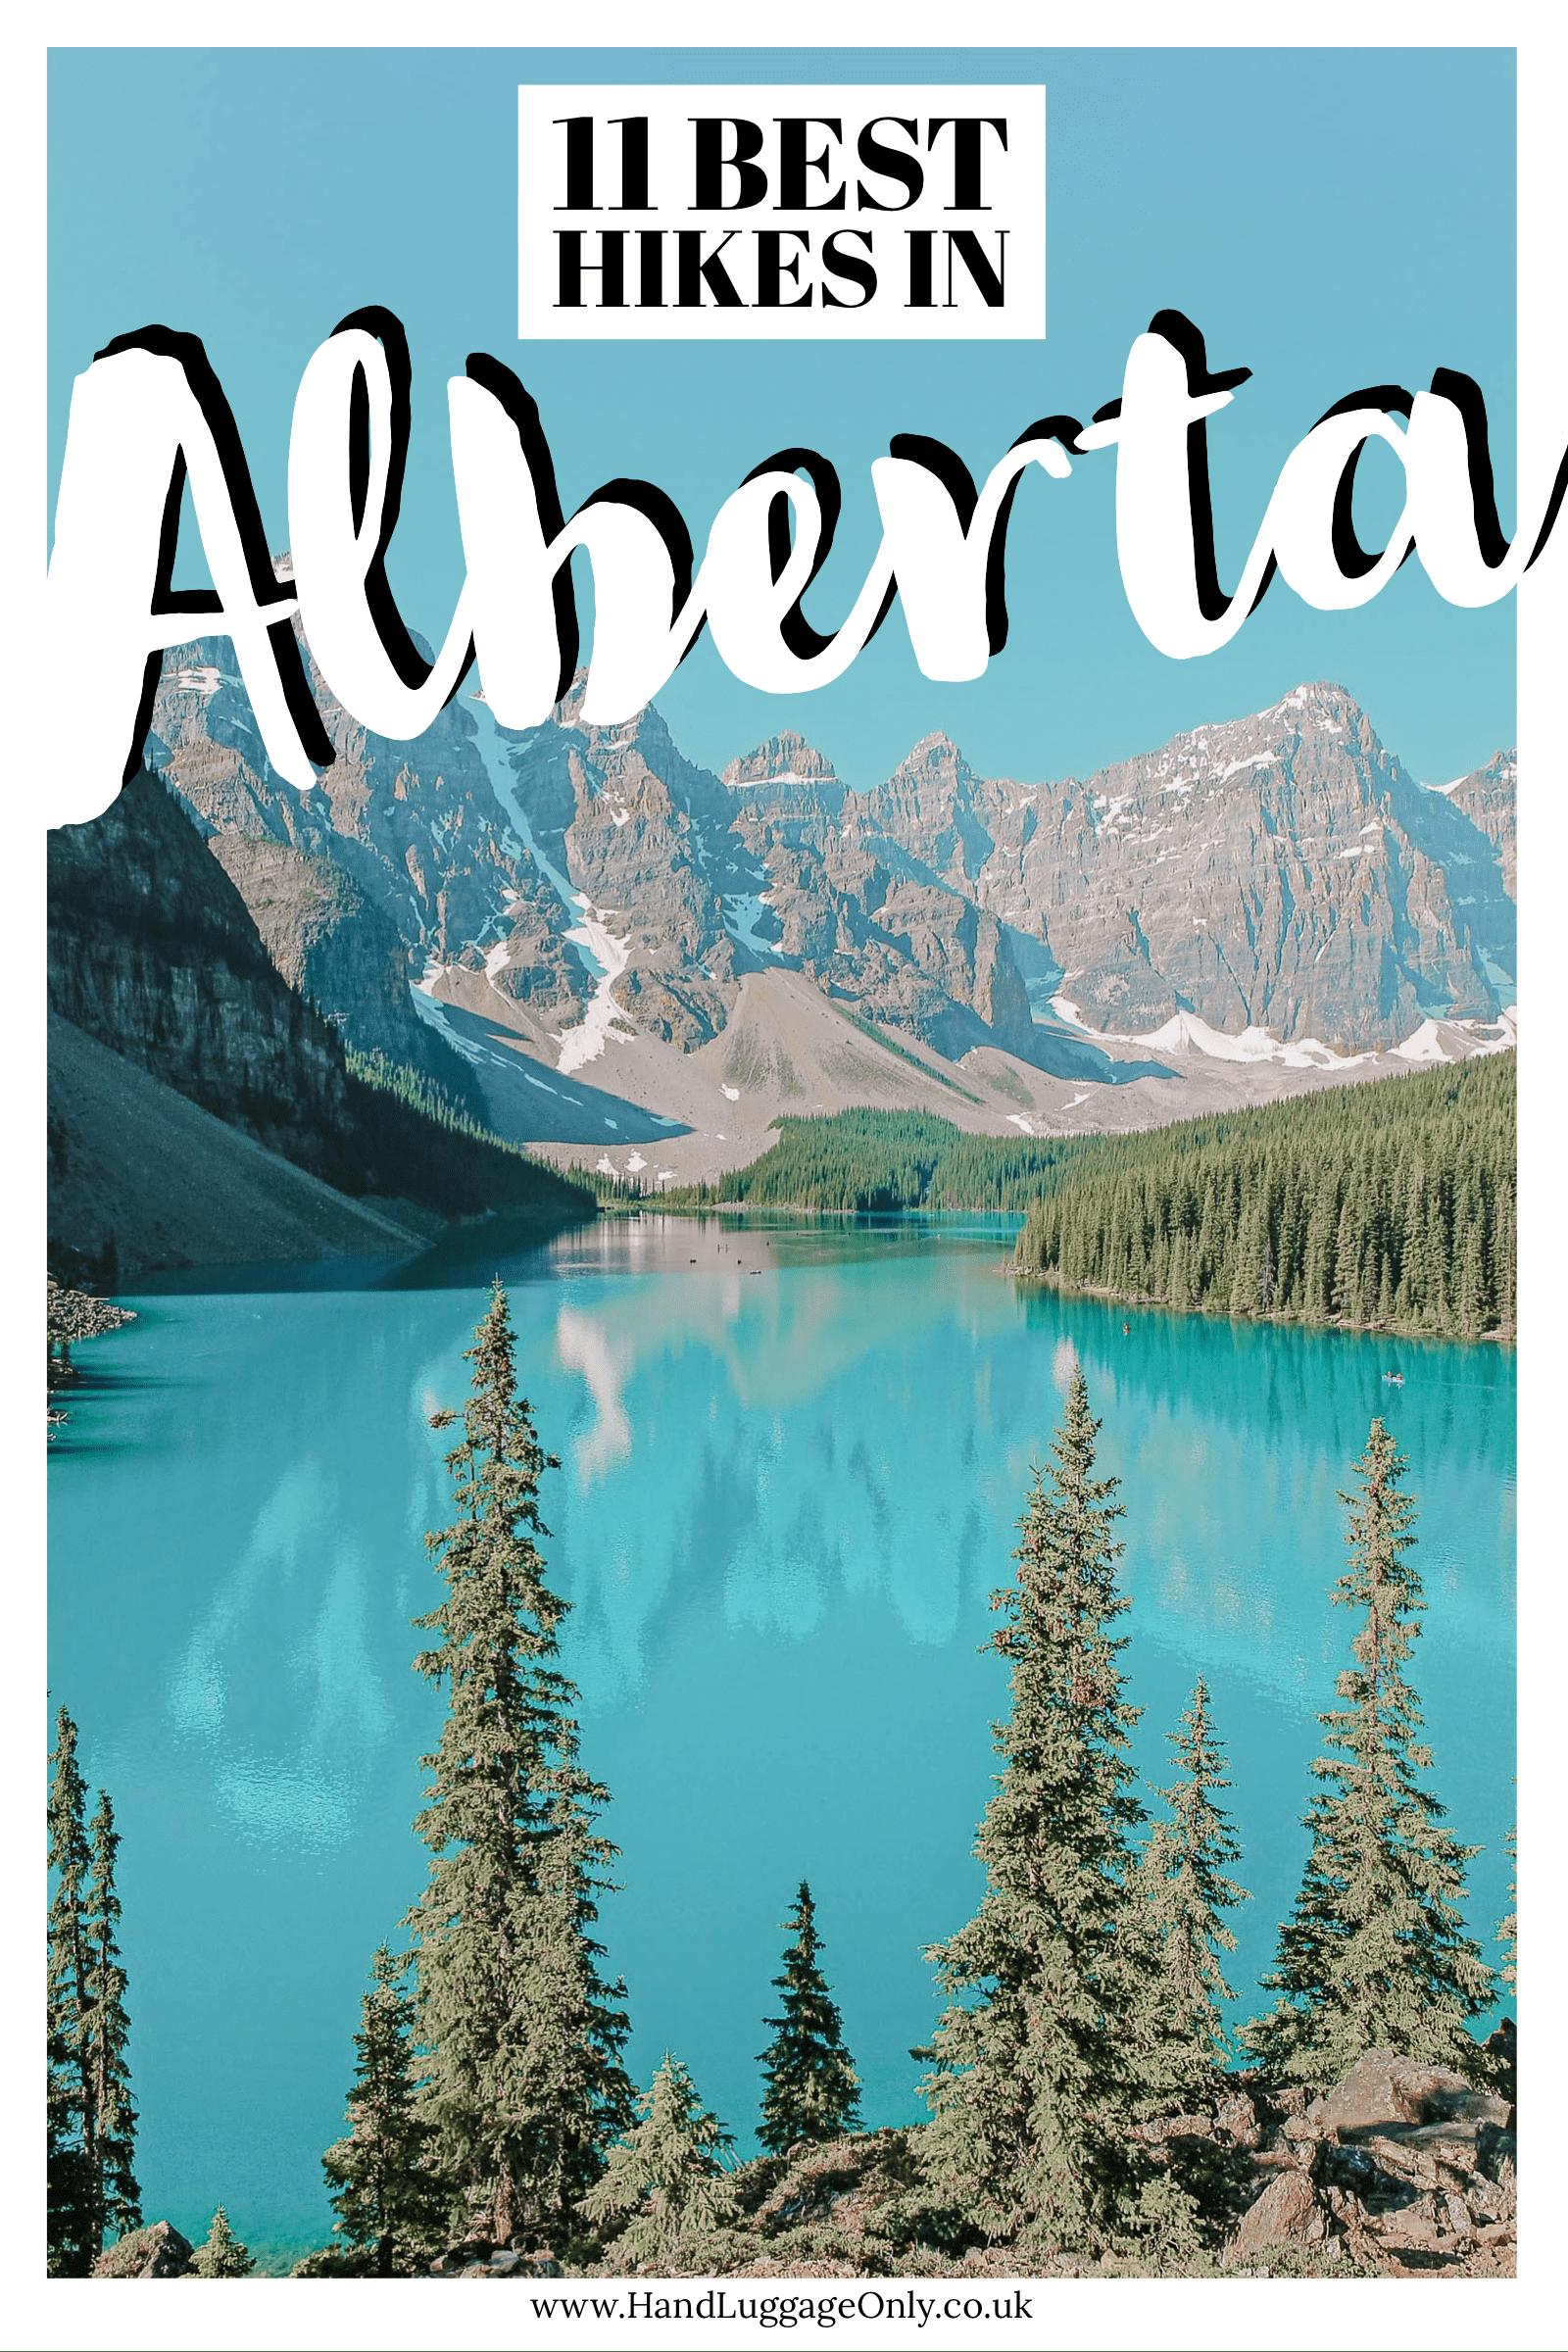 11 Best Hikes In Alberta (1)